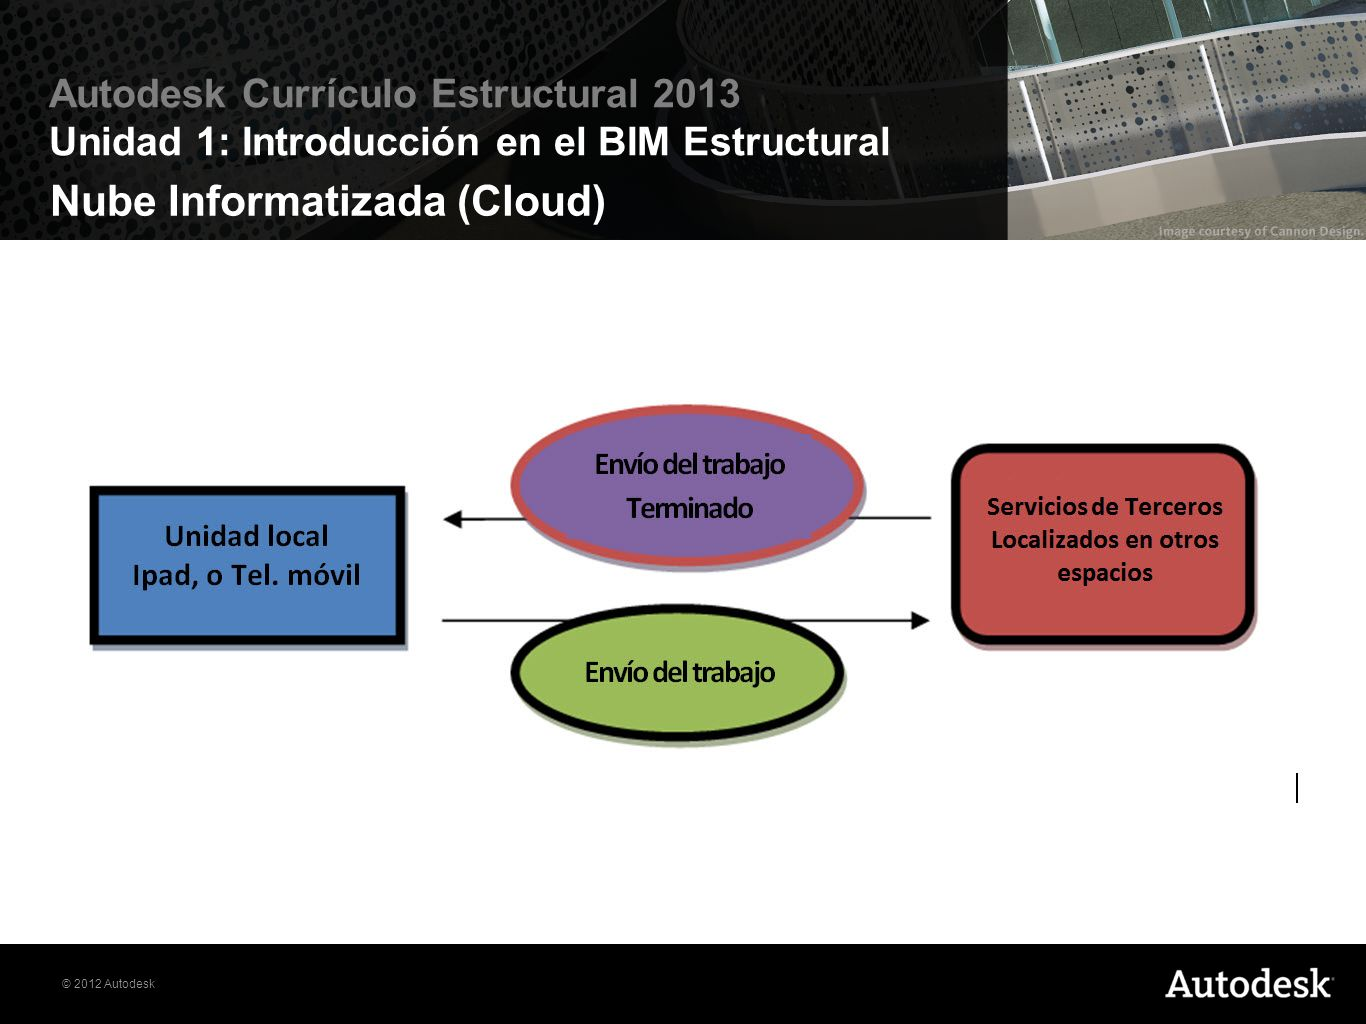 Nube Informatizada (Cloud)